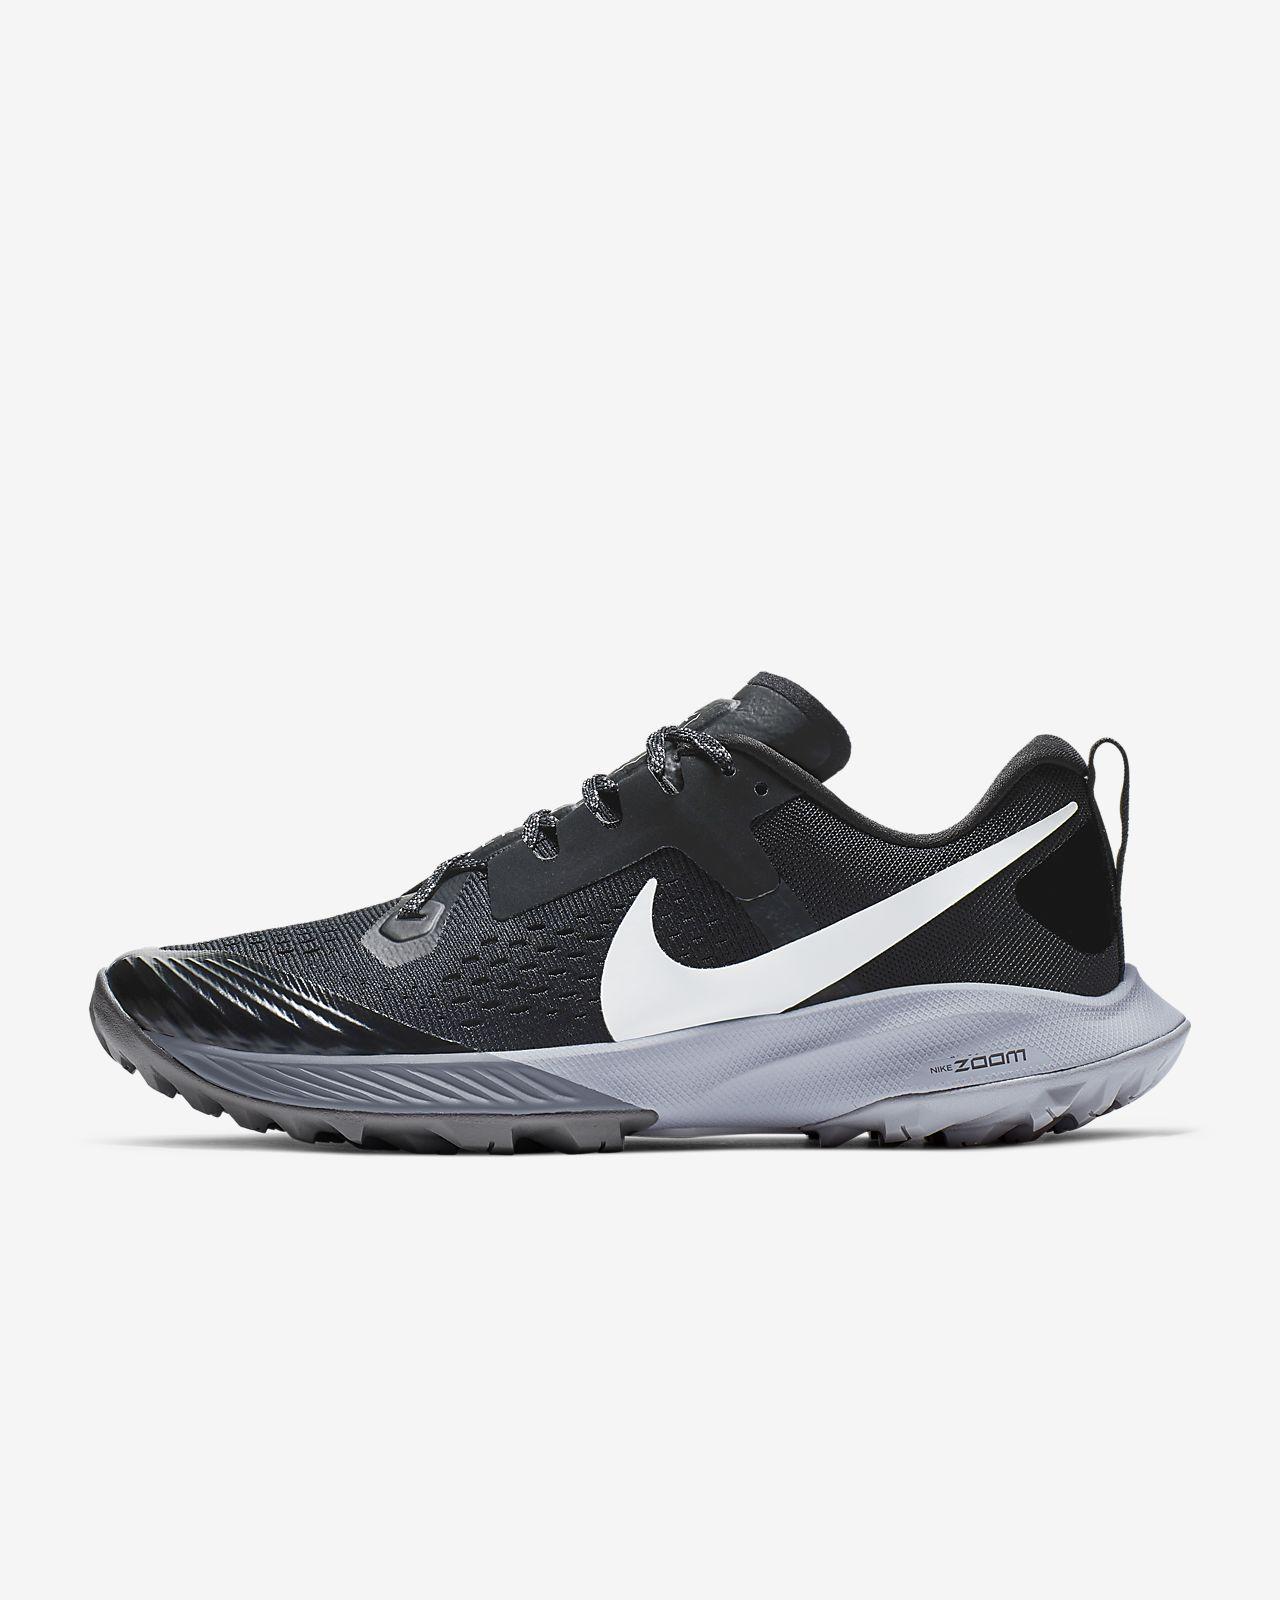 skvělé nabídky 2017 kvalitní speciální nabídka Dámská běžecká trailová bota Nike Air Zoom Terra Kiger 5